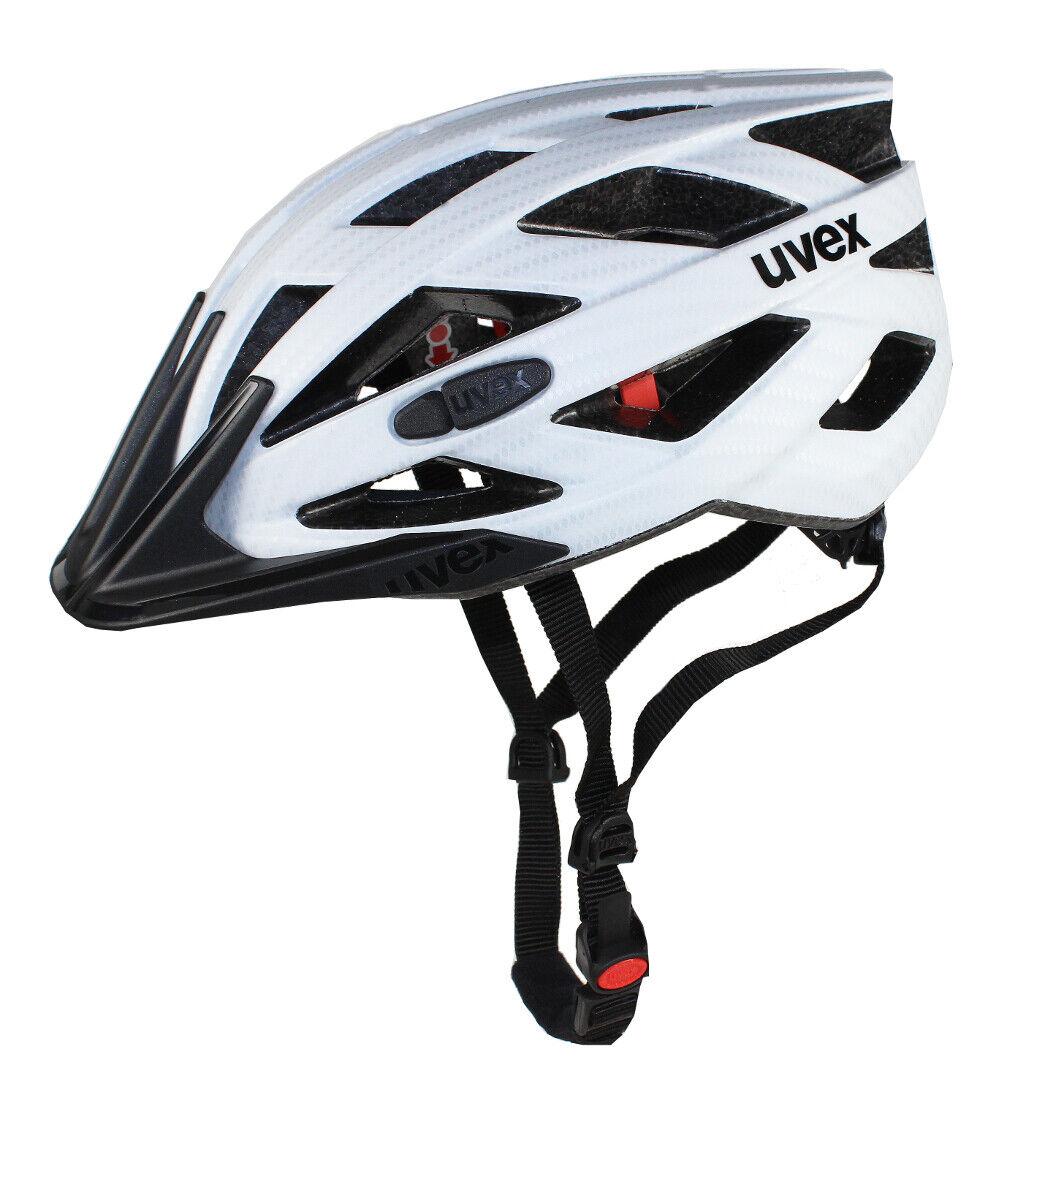 Uvex I-Vo cc Casco  Bicicleta blanco Cochebon Look Mate Rueda Bike City MTB  mejor calidad mejor precio